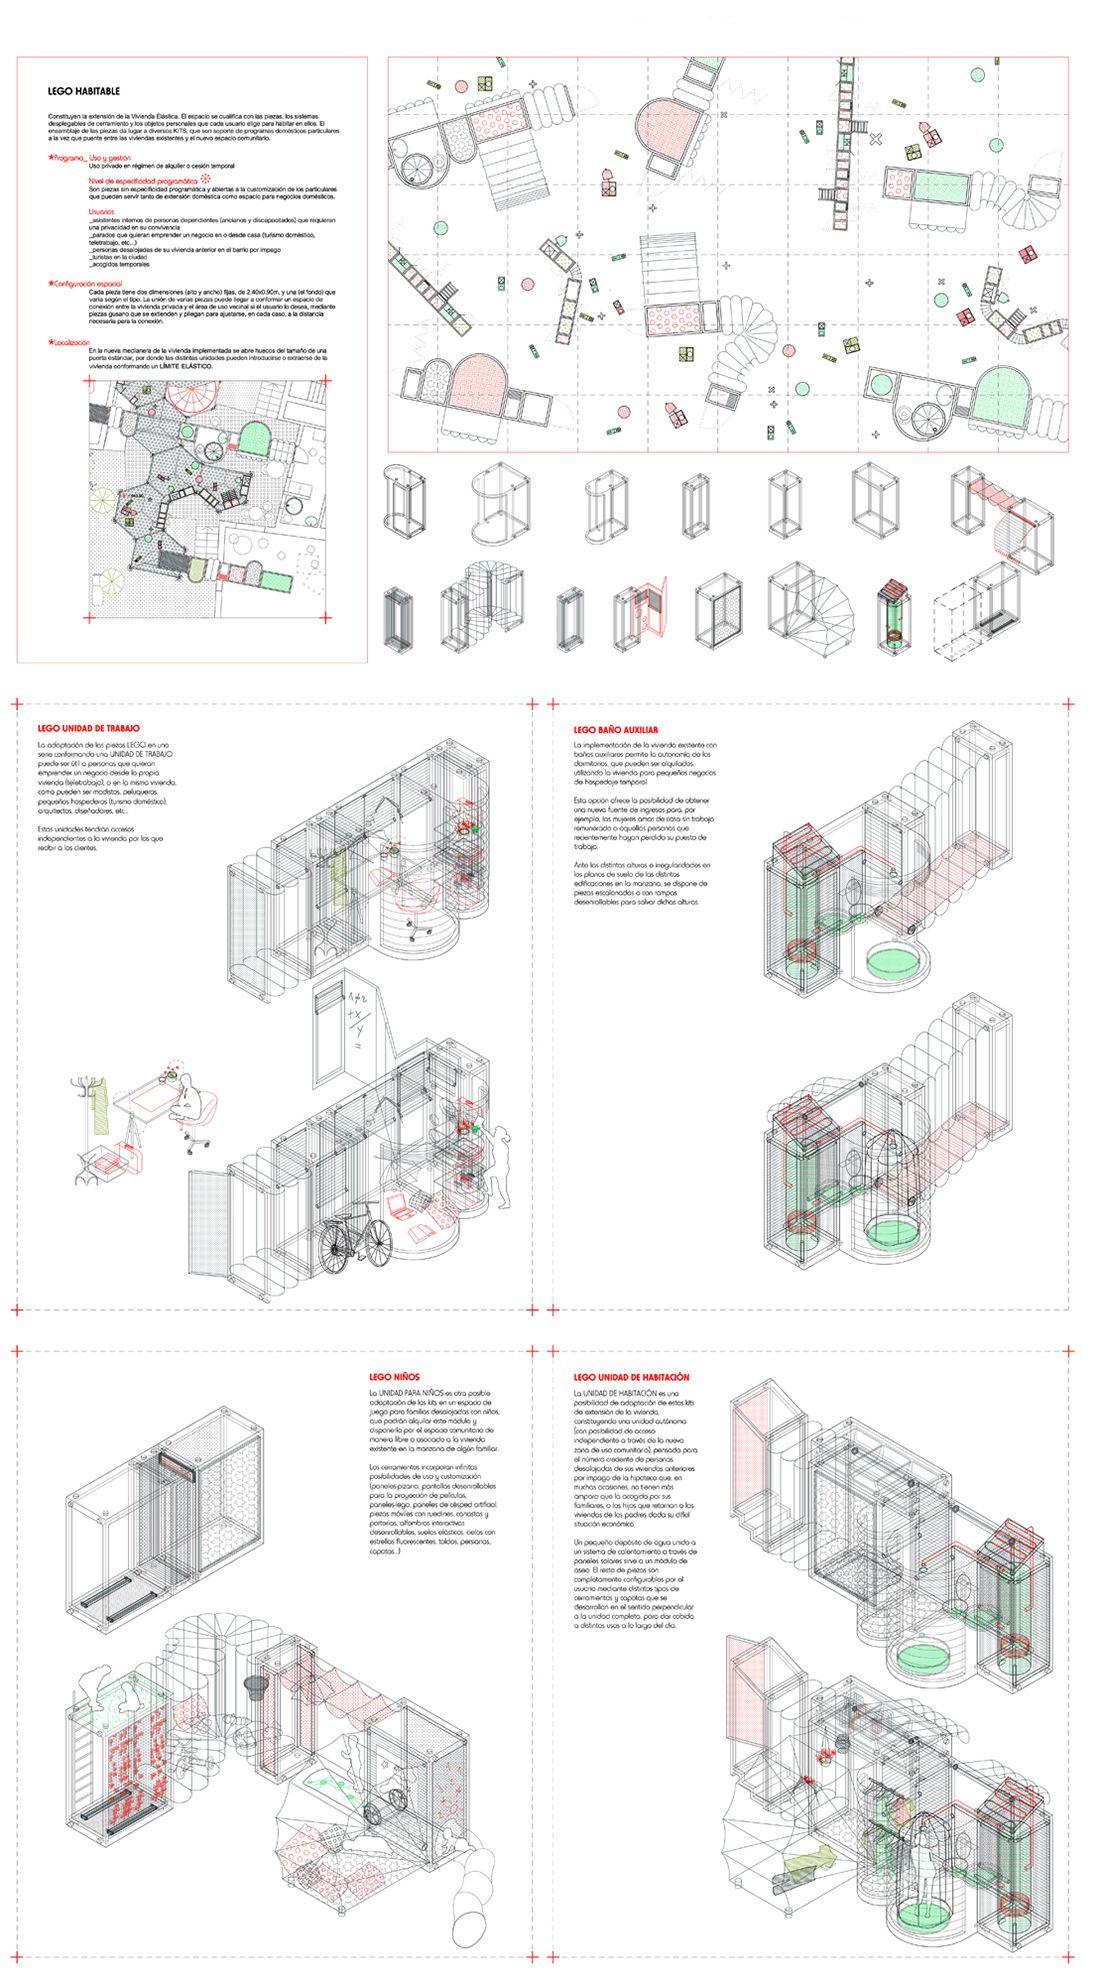 Isabel Gutiérrez Sánchez :: Thesis Special* // Escuela Técnica Superior de Arquitectura de Madrid, ETSAM // System of temporary-use domestic equipment for Lavapiés neighborhood (Madrid, Spain)